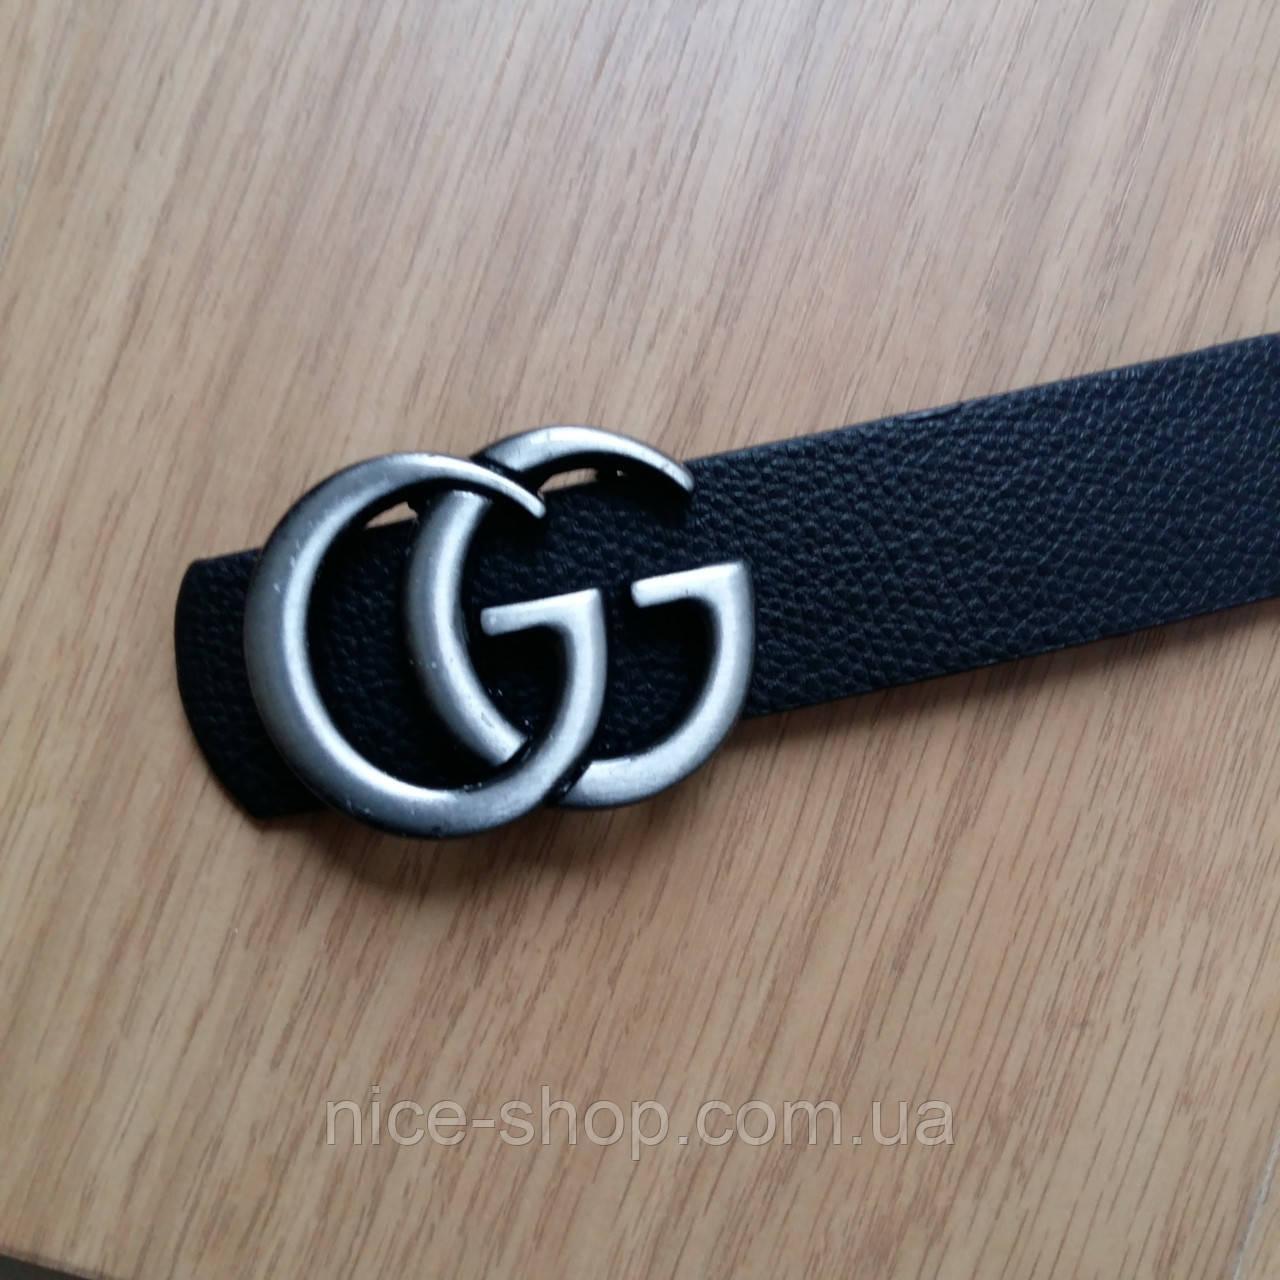 Ремень Gucci черный с серебряной матовой пряжкой